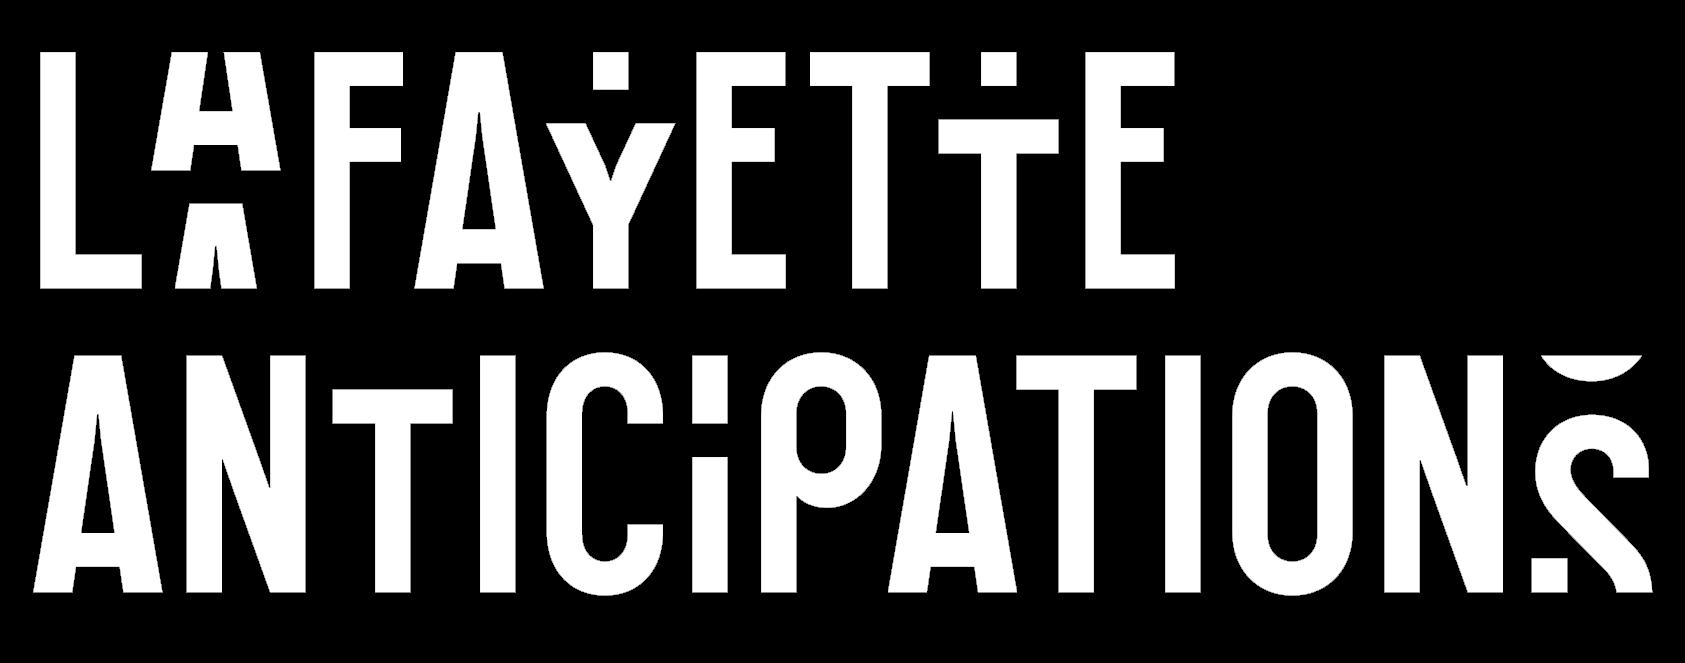 LOGO_LAFAYETTE_ANTICIPATIONS_Noir_CMYK - copie.png